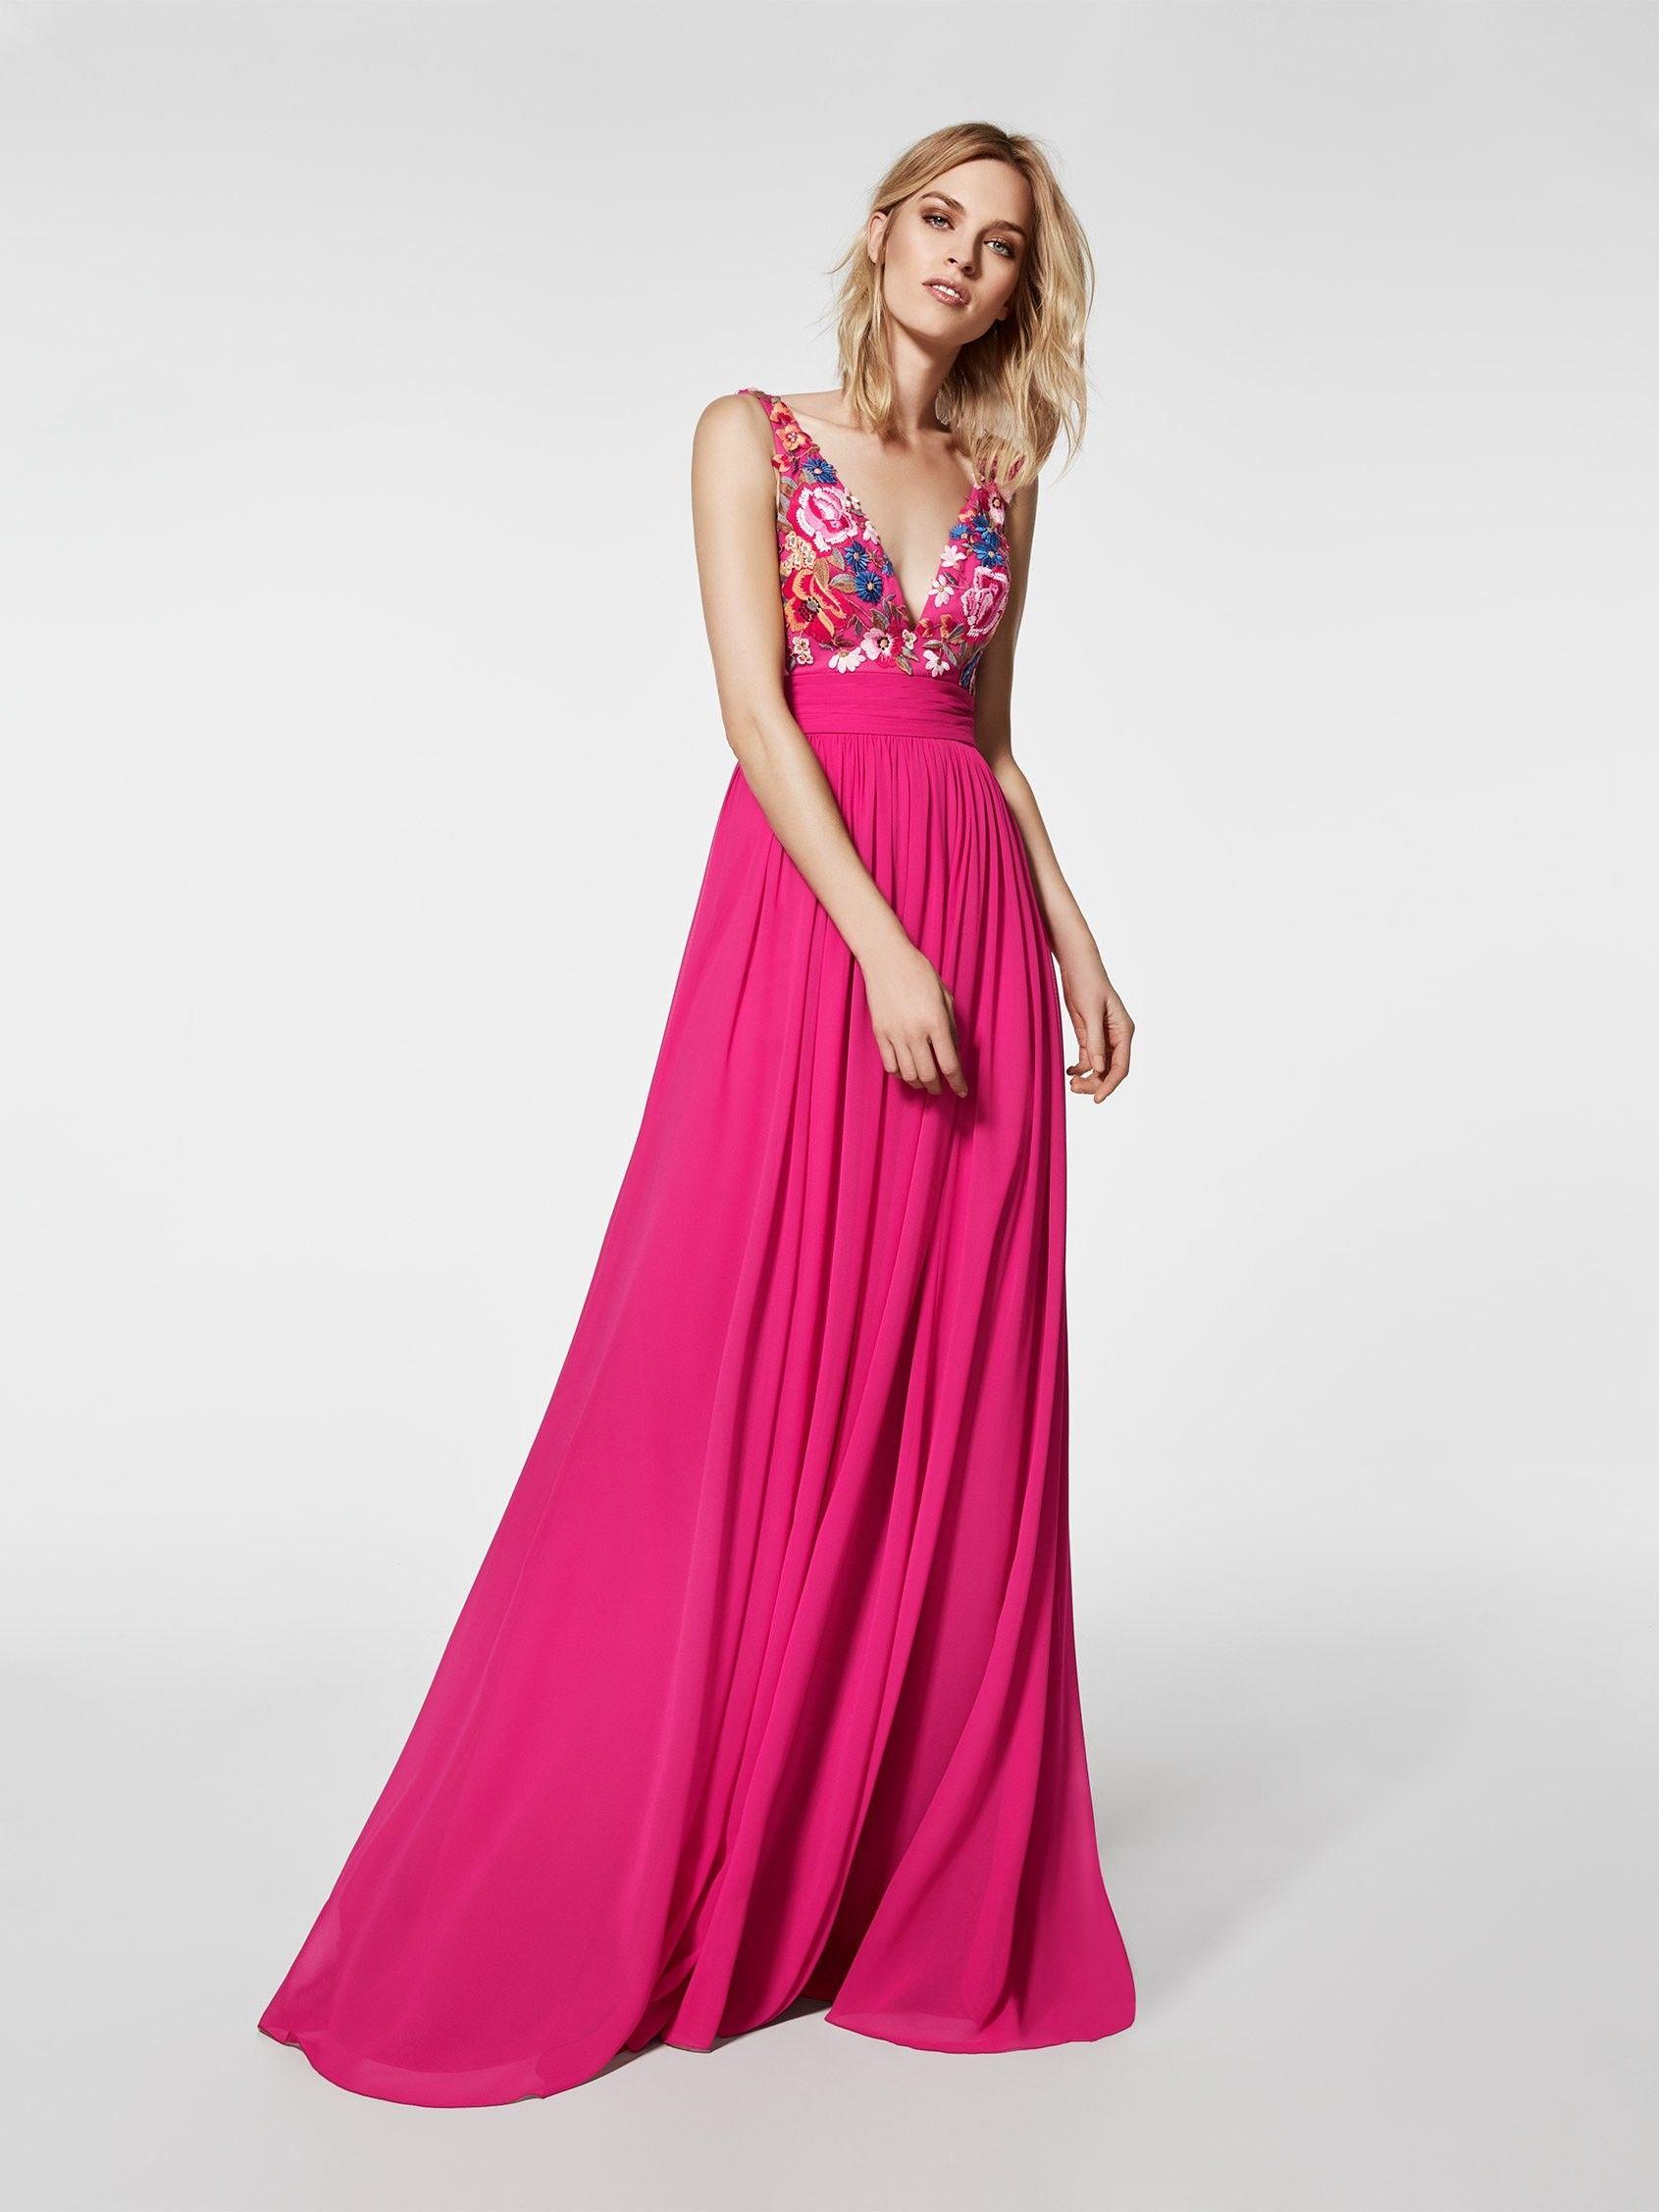 GRETEL | Vestidos | Pinterest | Gasa, Falda de gasa y Tirantes